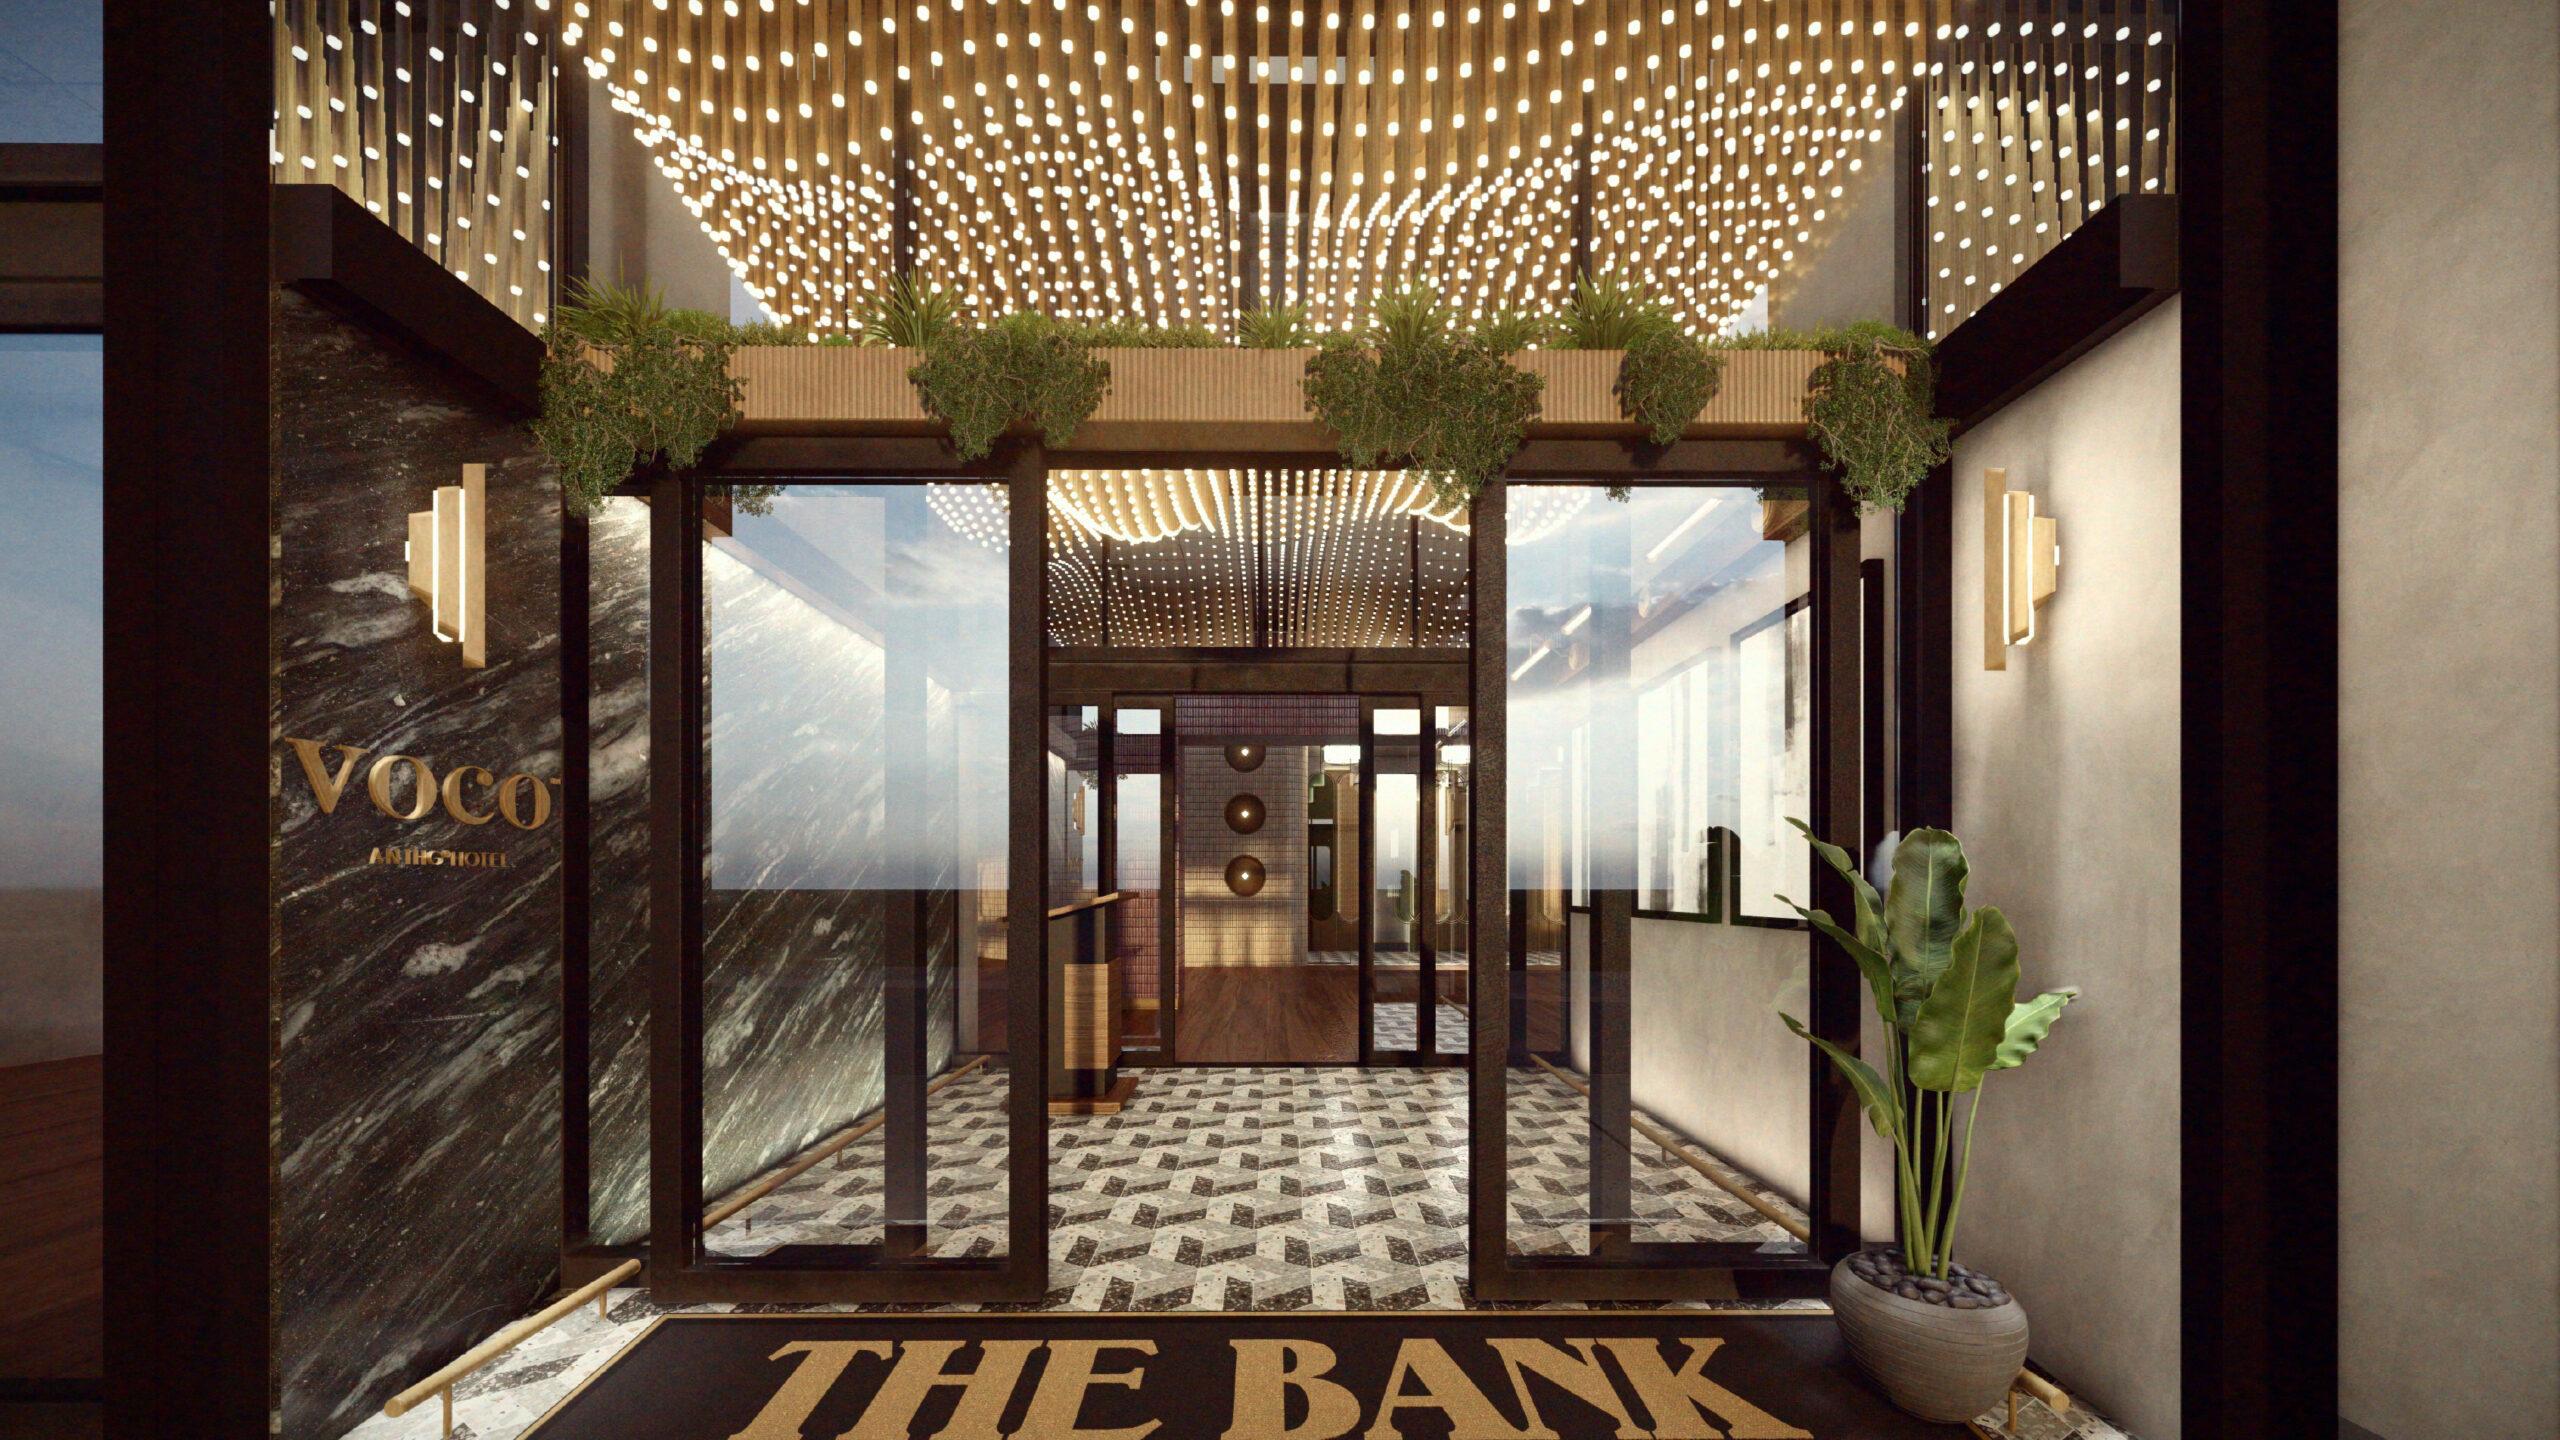 imbewu-design-the-bank-hotel-render-wind-lobby-02